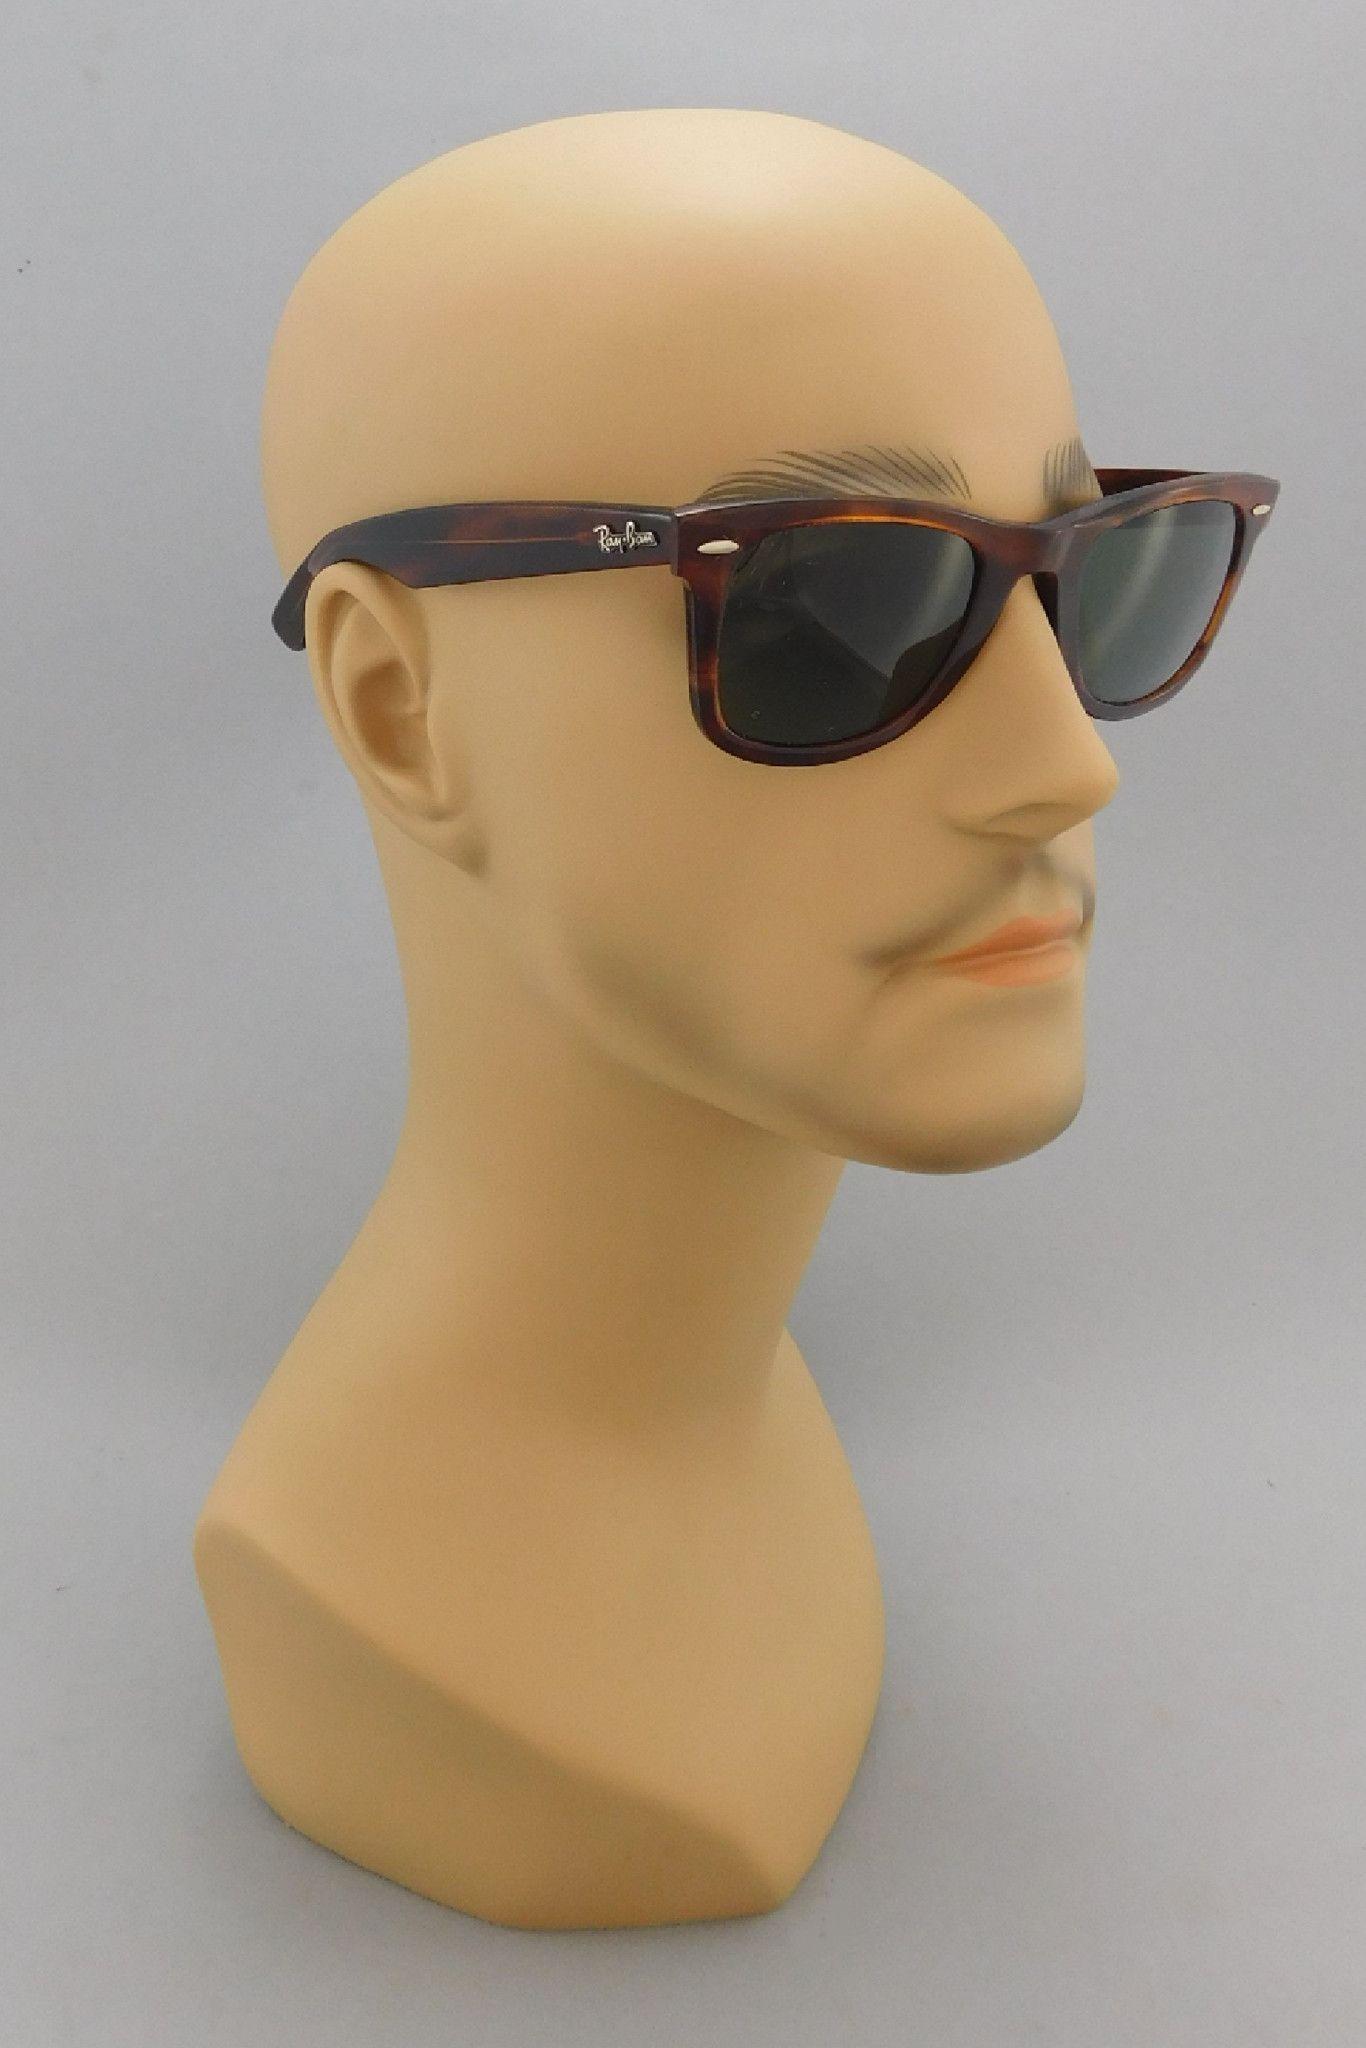 e6216e4e96 1970 s - 1980 s Vintage Ray Ban Wayfarer Tortoise Shell Sunglasses ...